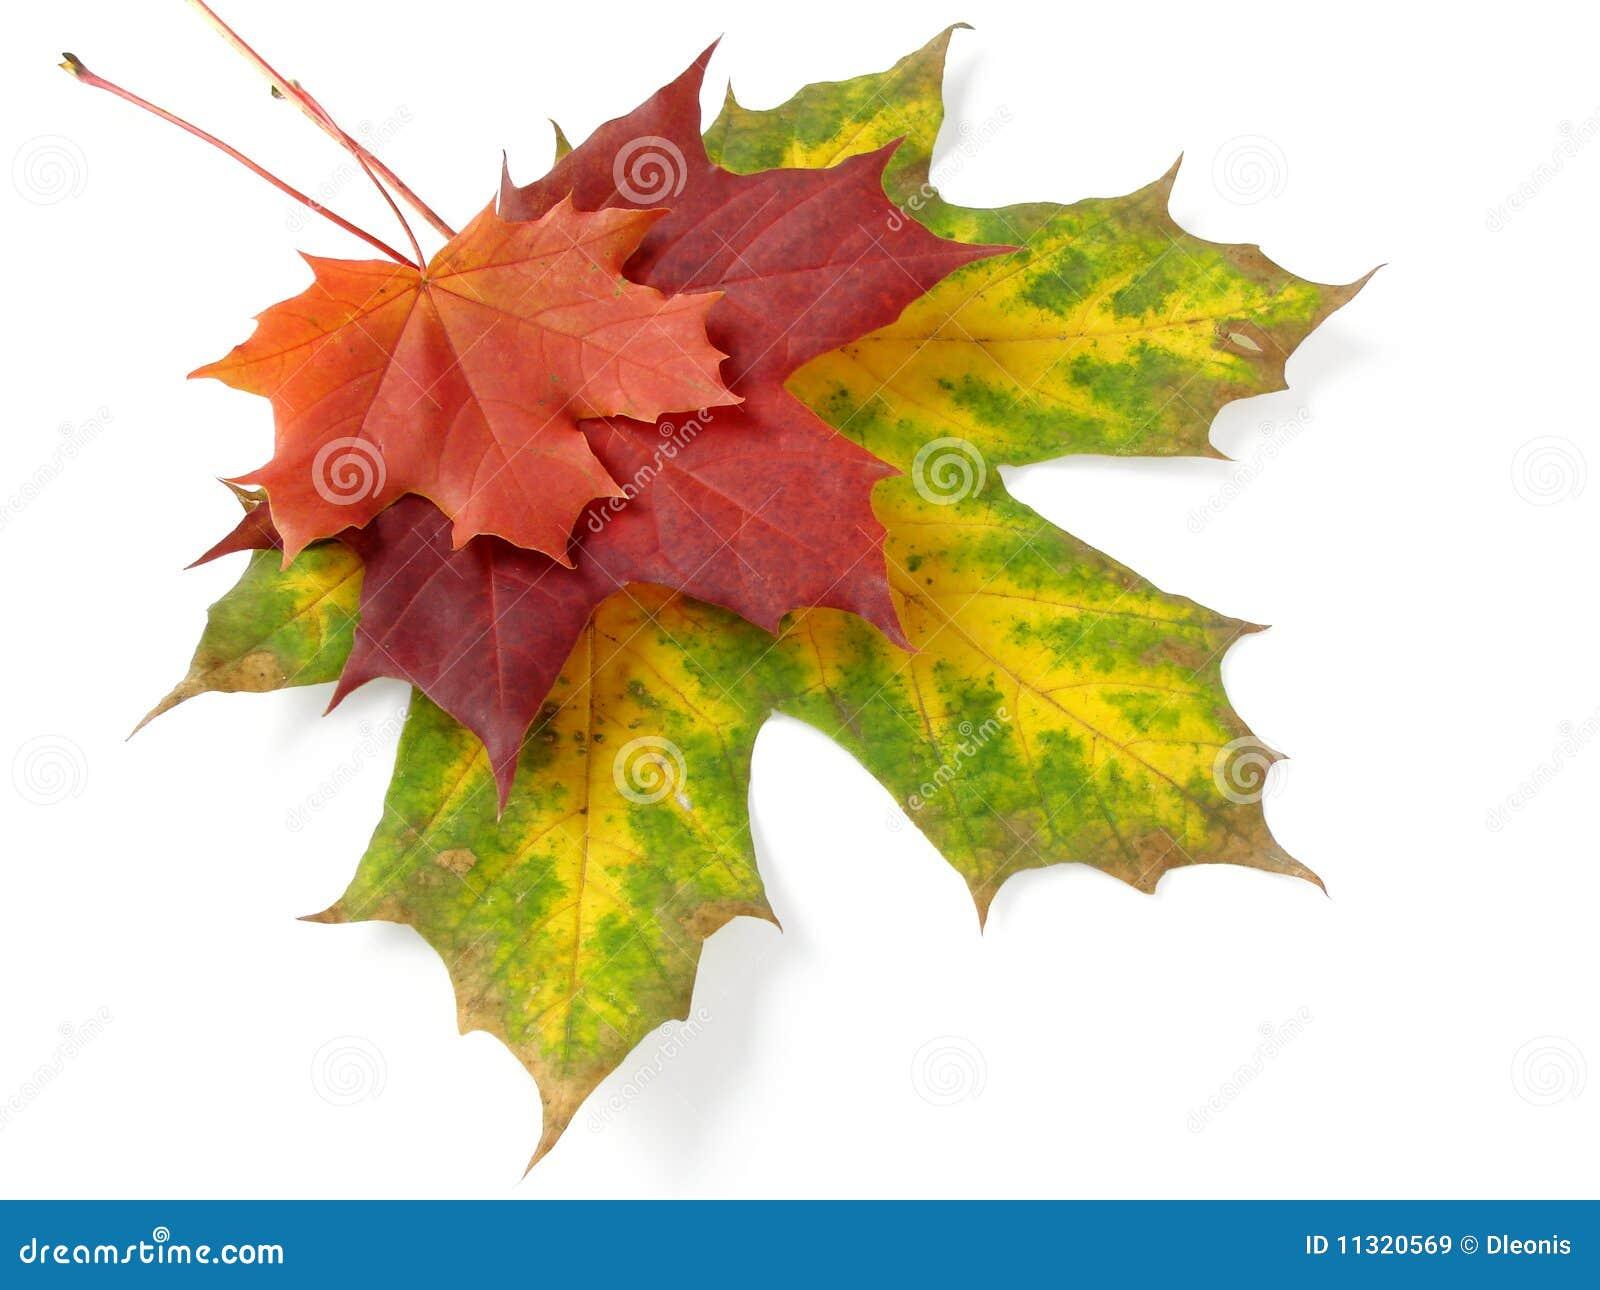 Herbstliche Blattpalette